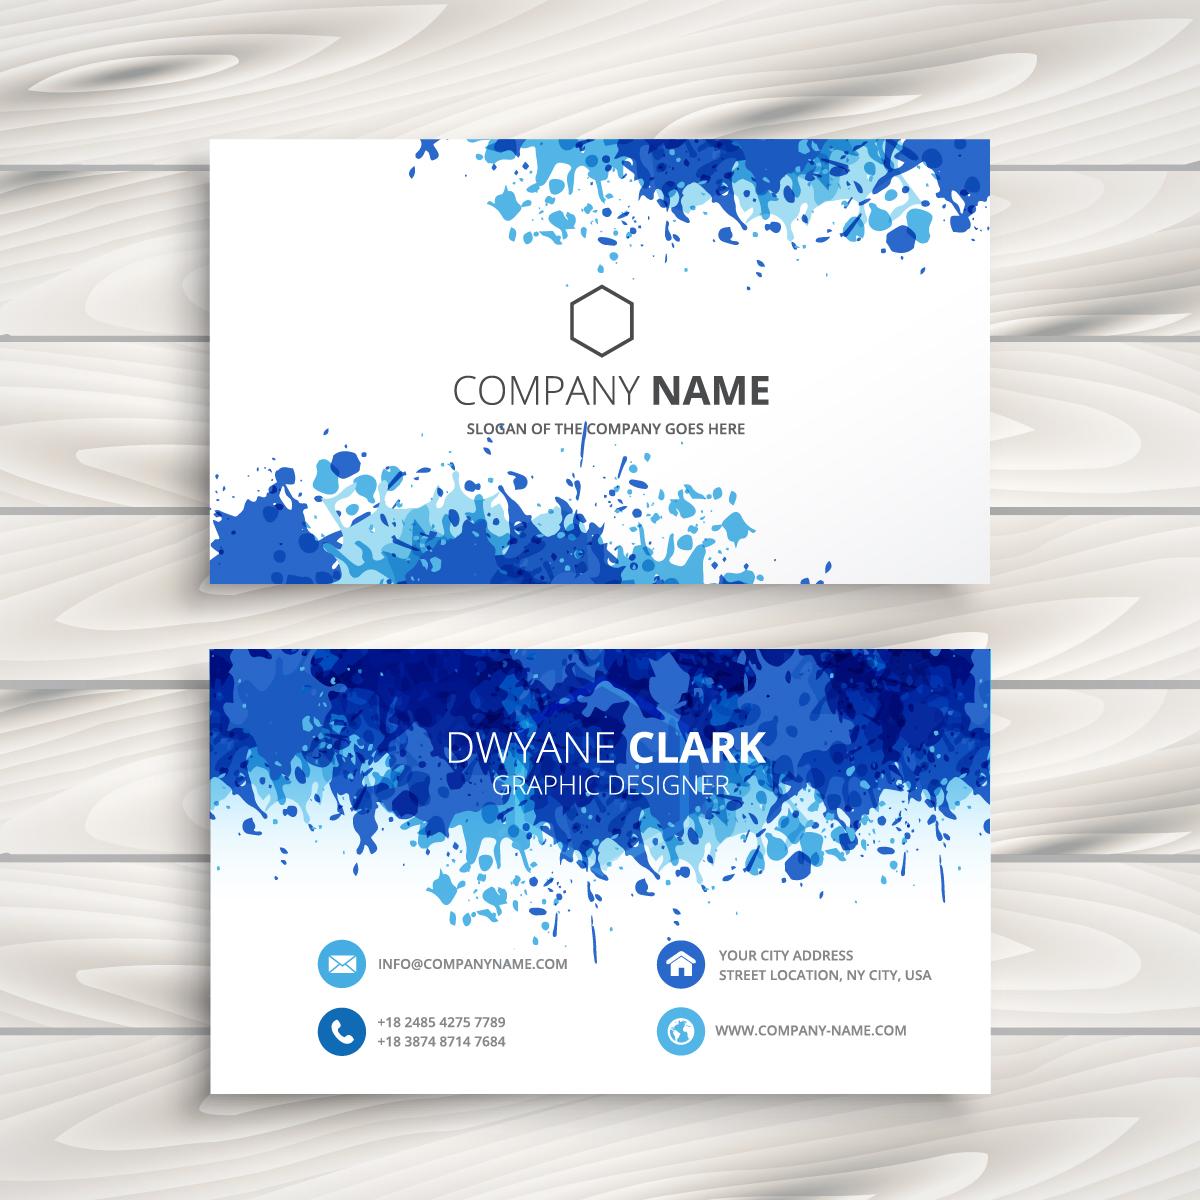 Chỉ đơn giản là những vẩy màu xanh với các sắc độ khác nhau cũng tạo nên một mẫu thiết kế card visit ấn tượng